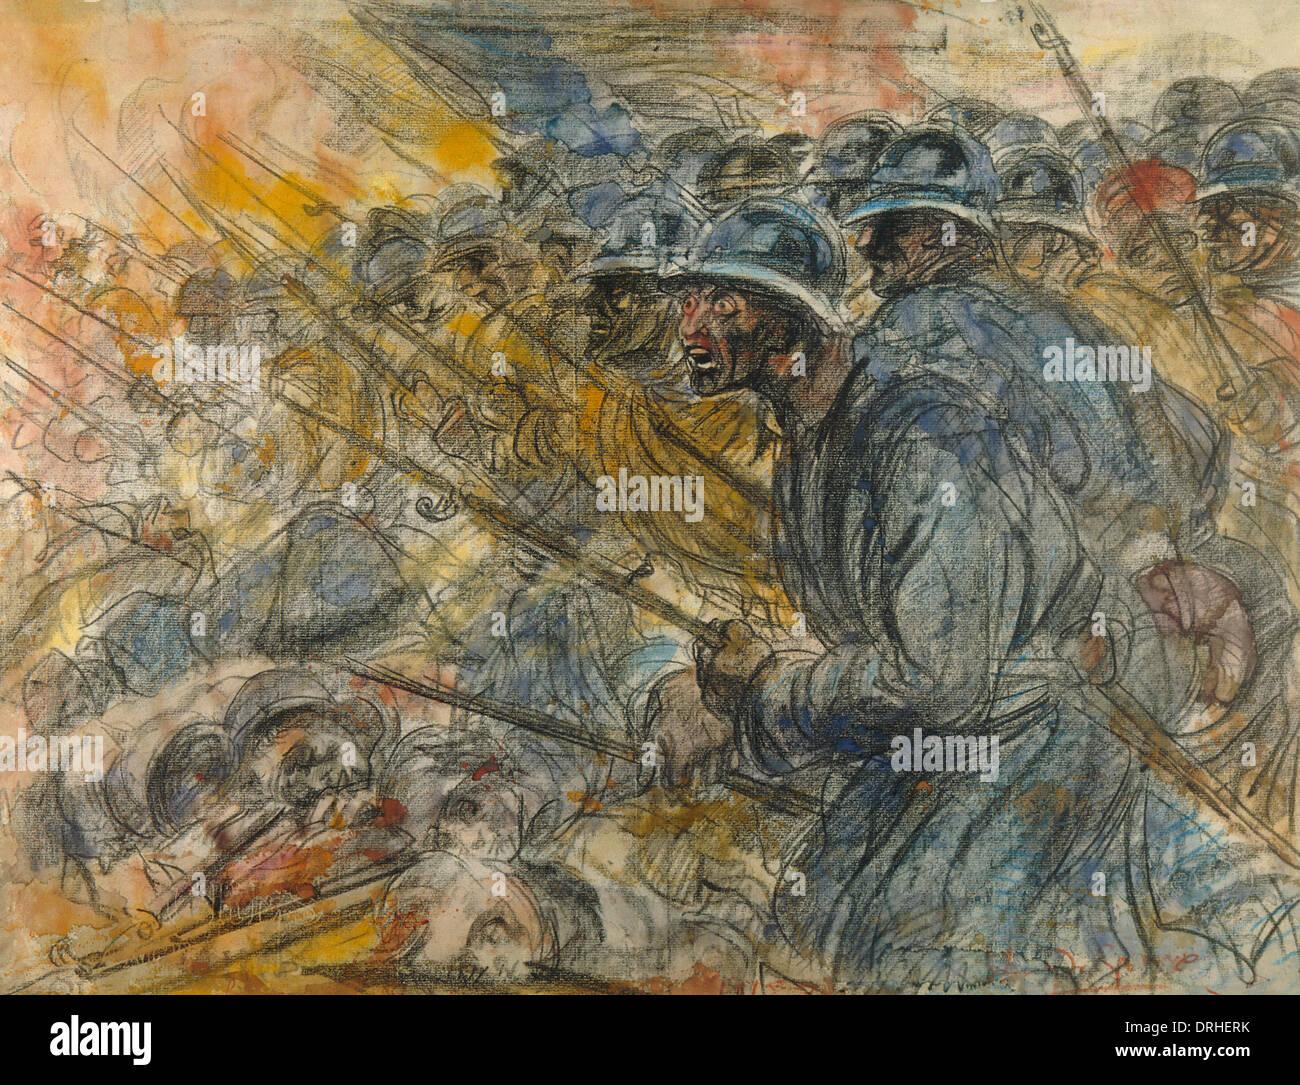 French bayonet ww1 stock photos french bayonet ww1 stock - Battlefield 1 french soldier ...